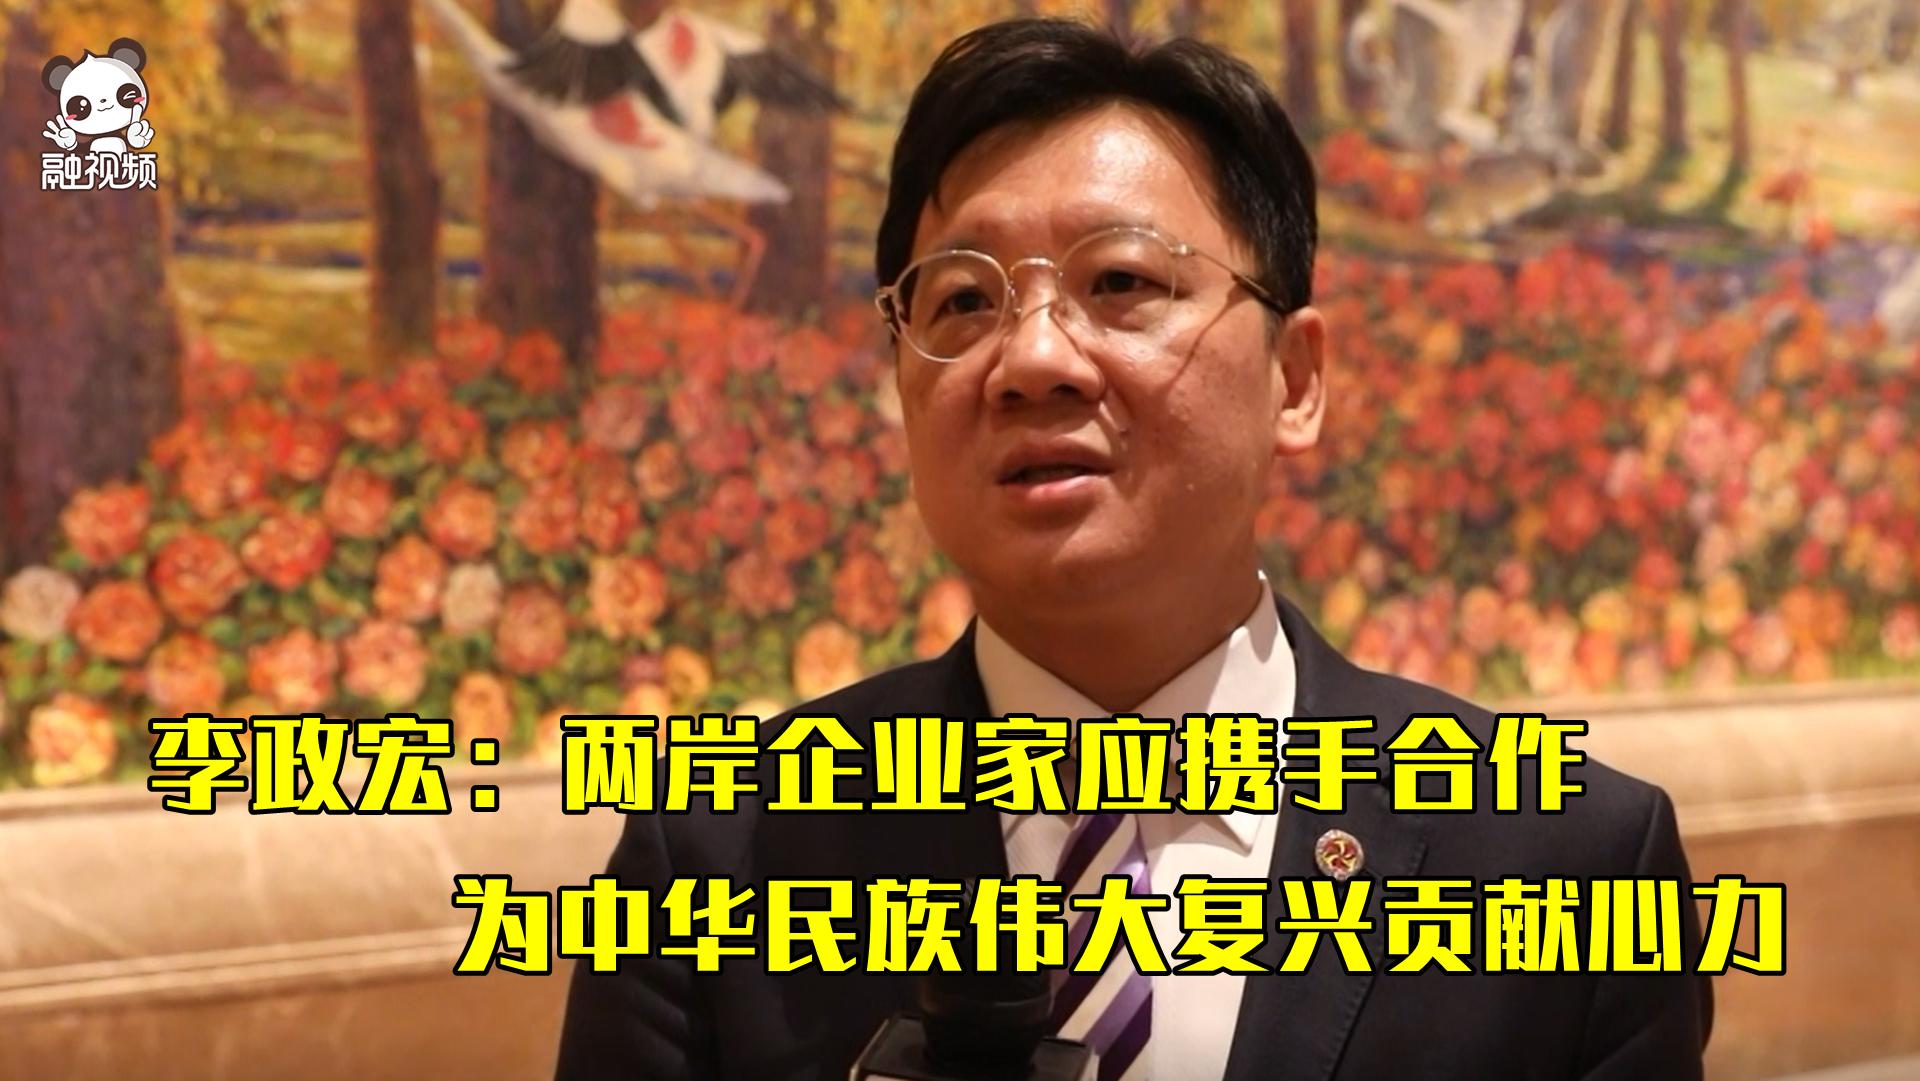 李政宏:两岸企业家应携手合作 为中华民族伟大复兴贡献心力图片